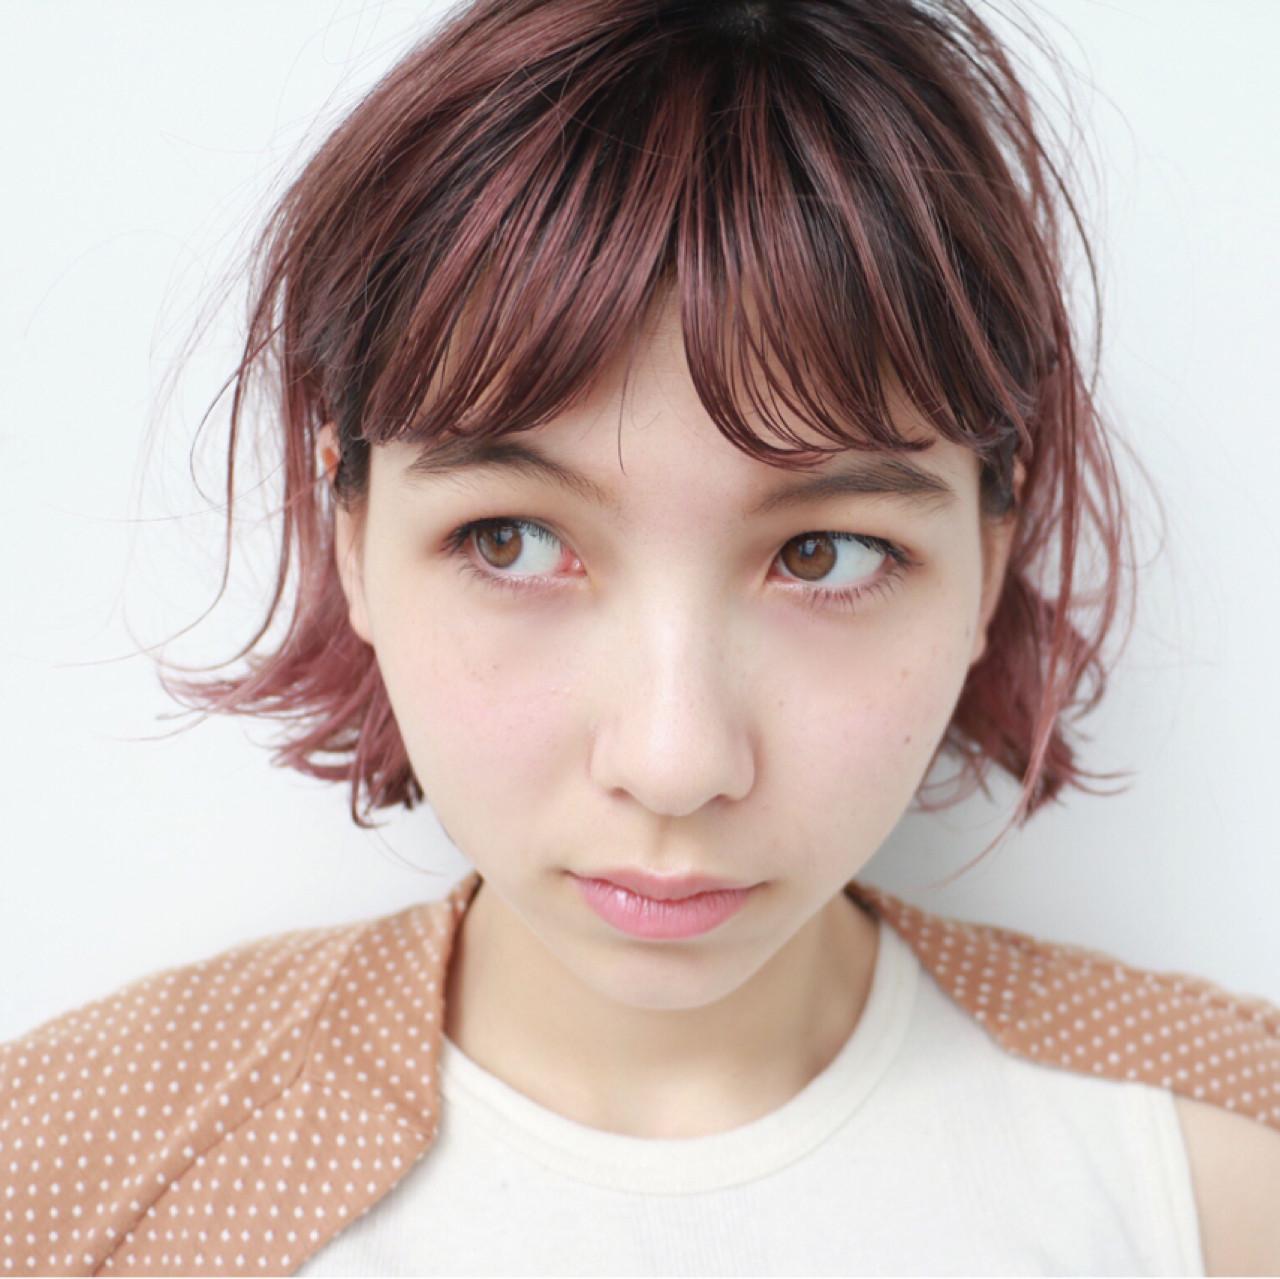 オン眉 外ハネ 前髪あり ピンク ヘアスタイルや髪型の写真・画像